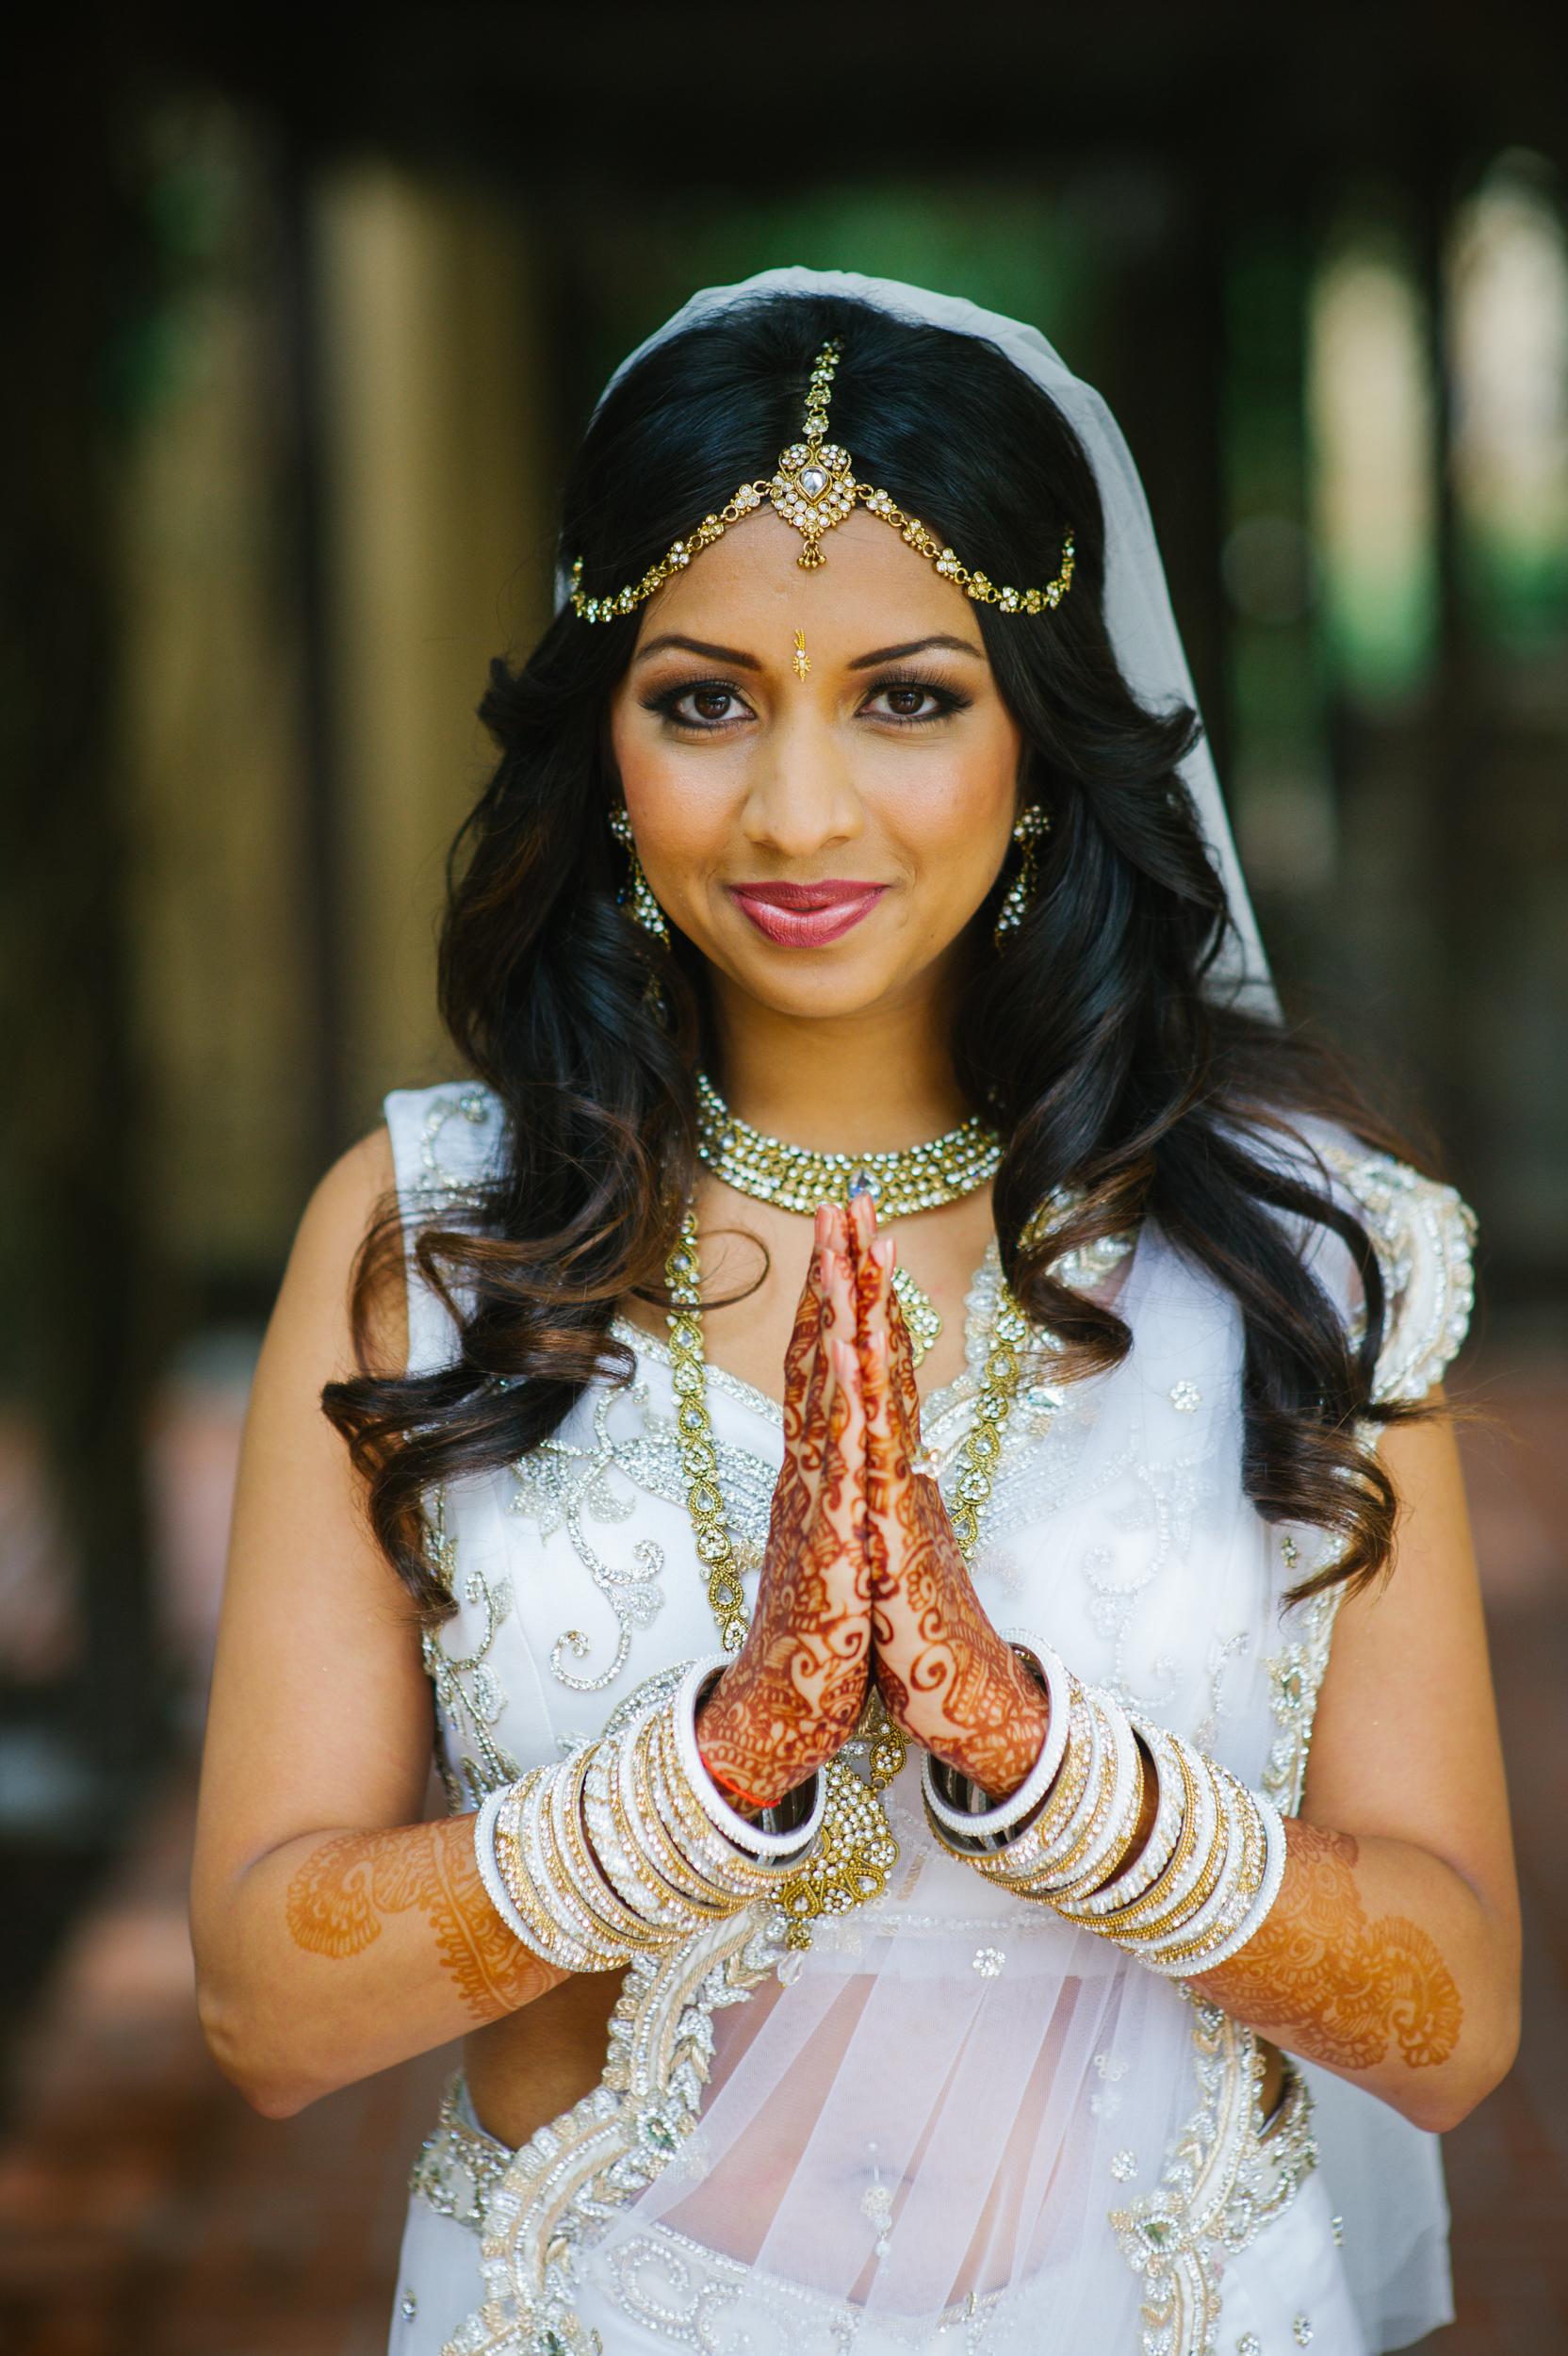 JKP_Indian_Weddings_0132.JPG